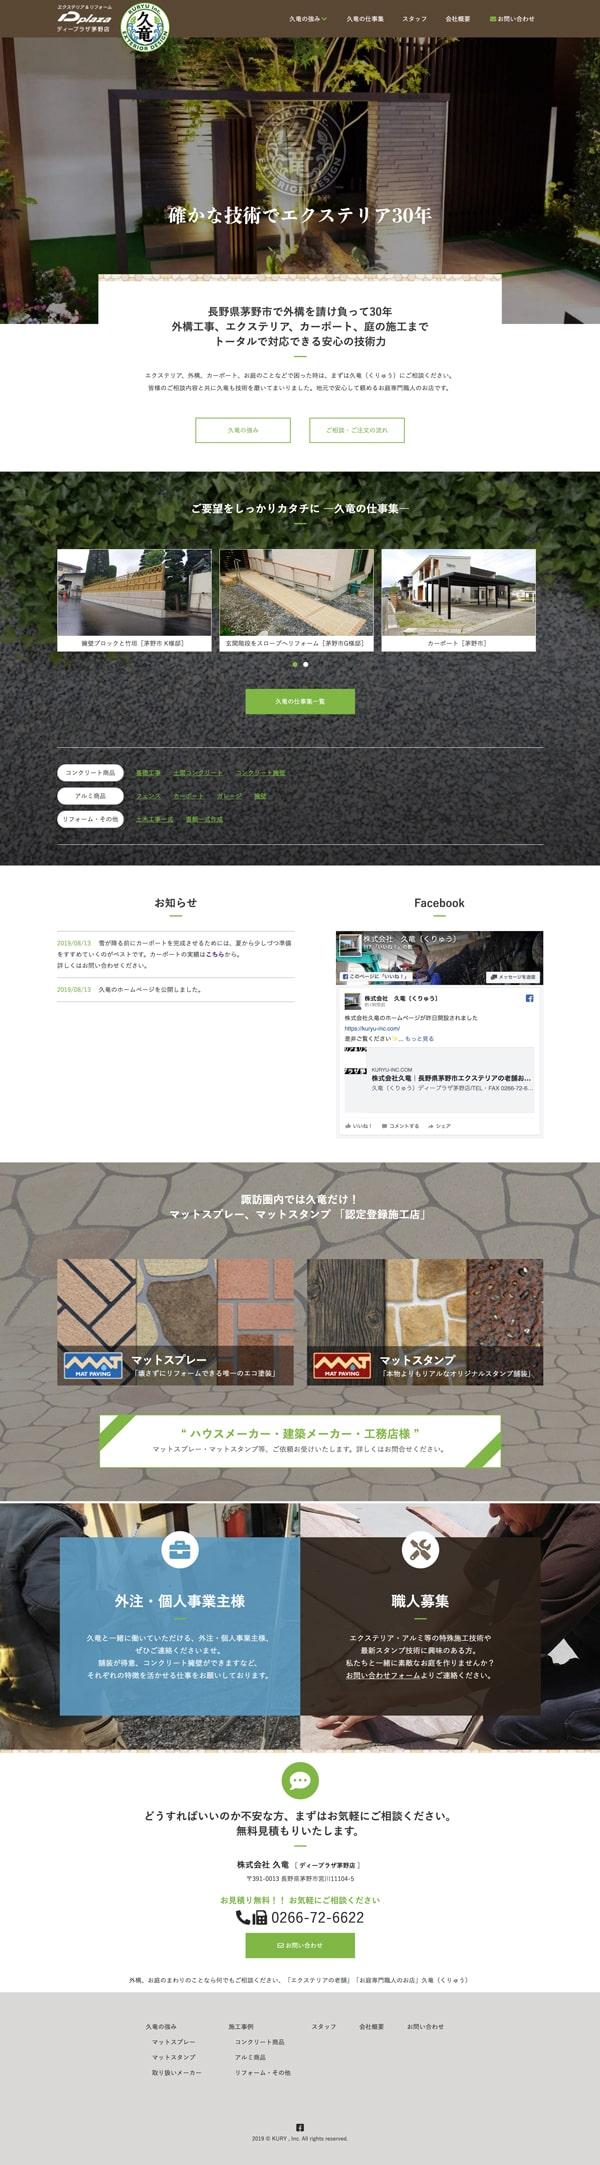 株式会社久竜くりゅうWebサイト